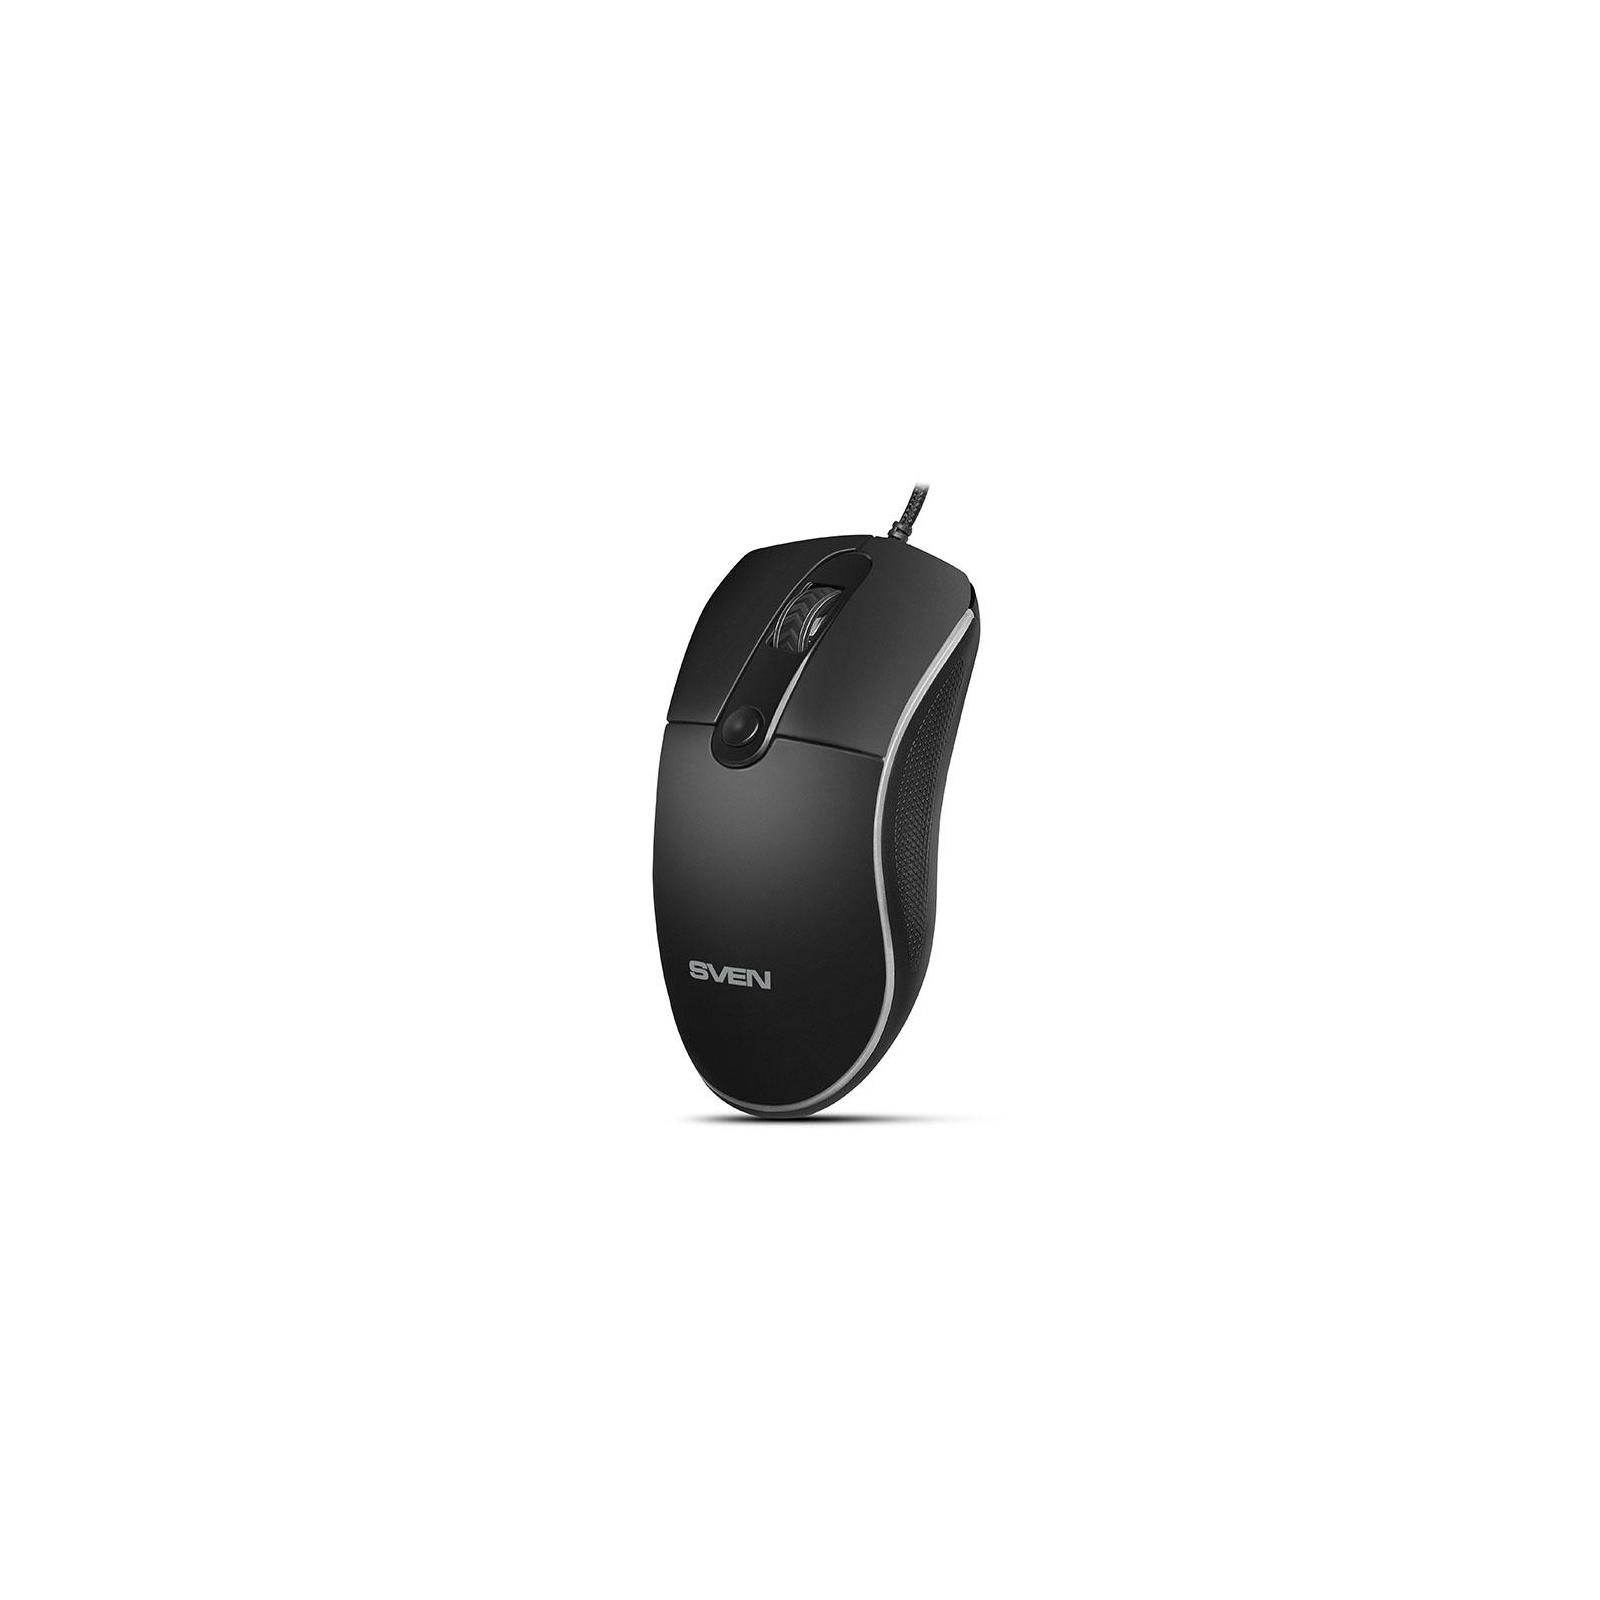 Мышка SVEN RX-G940 изображение 3